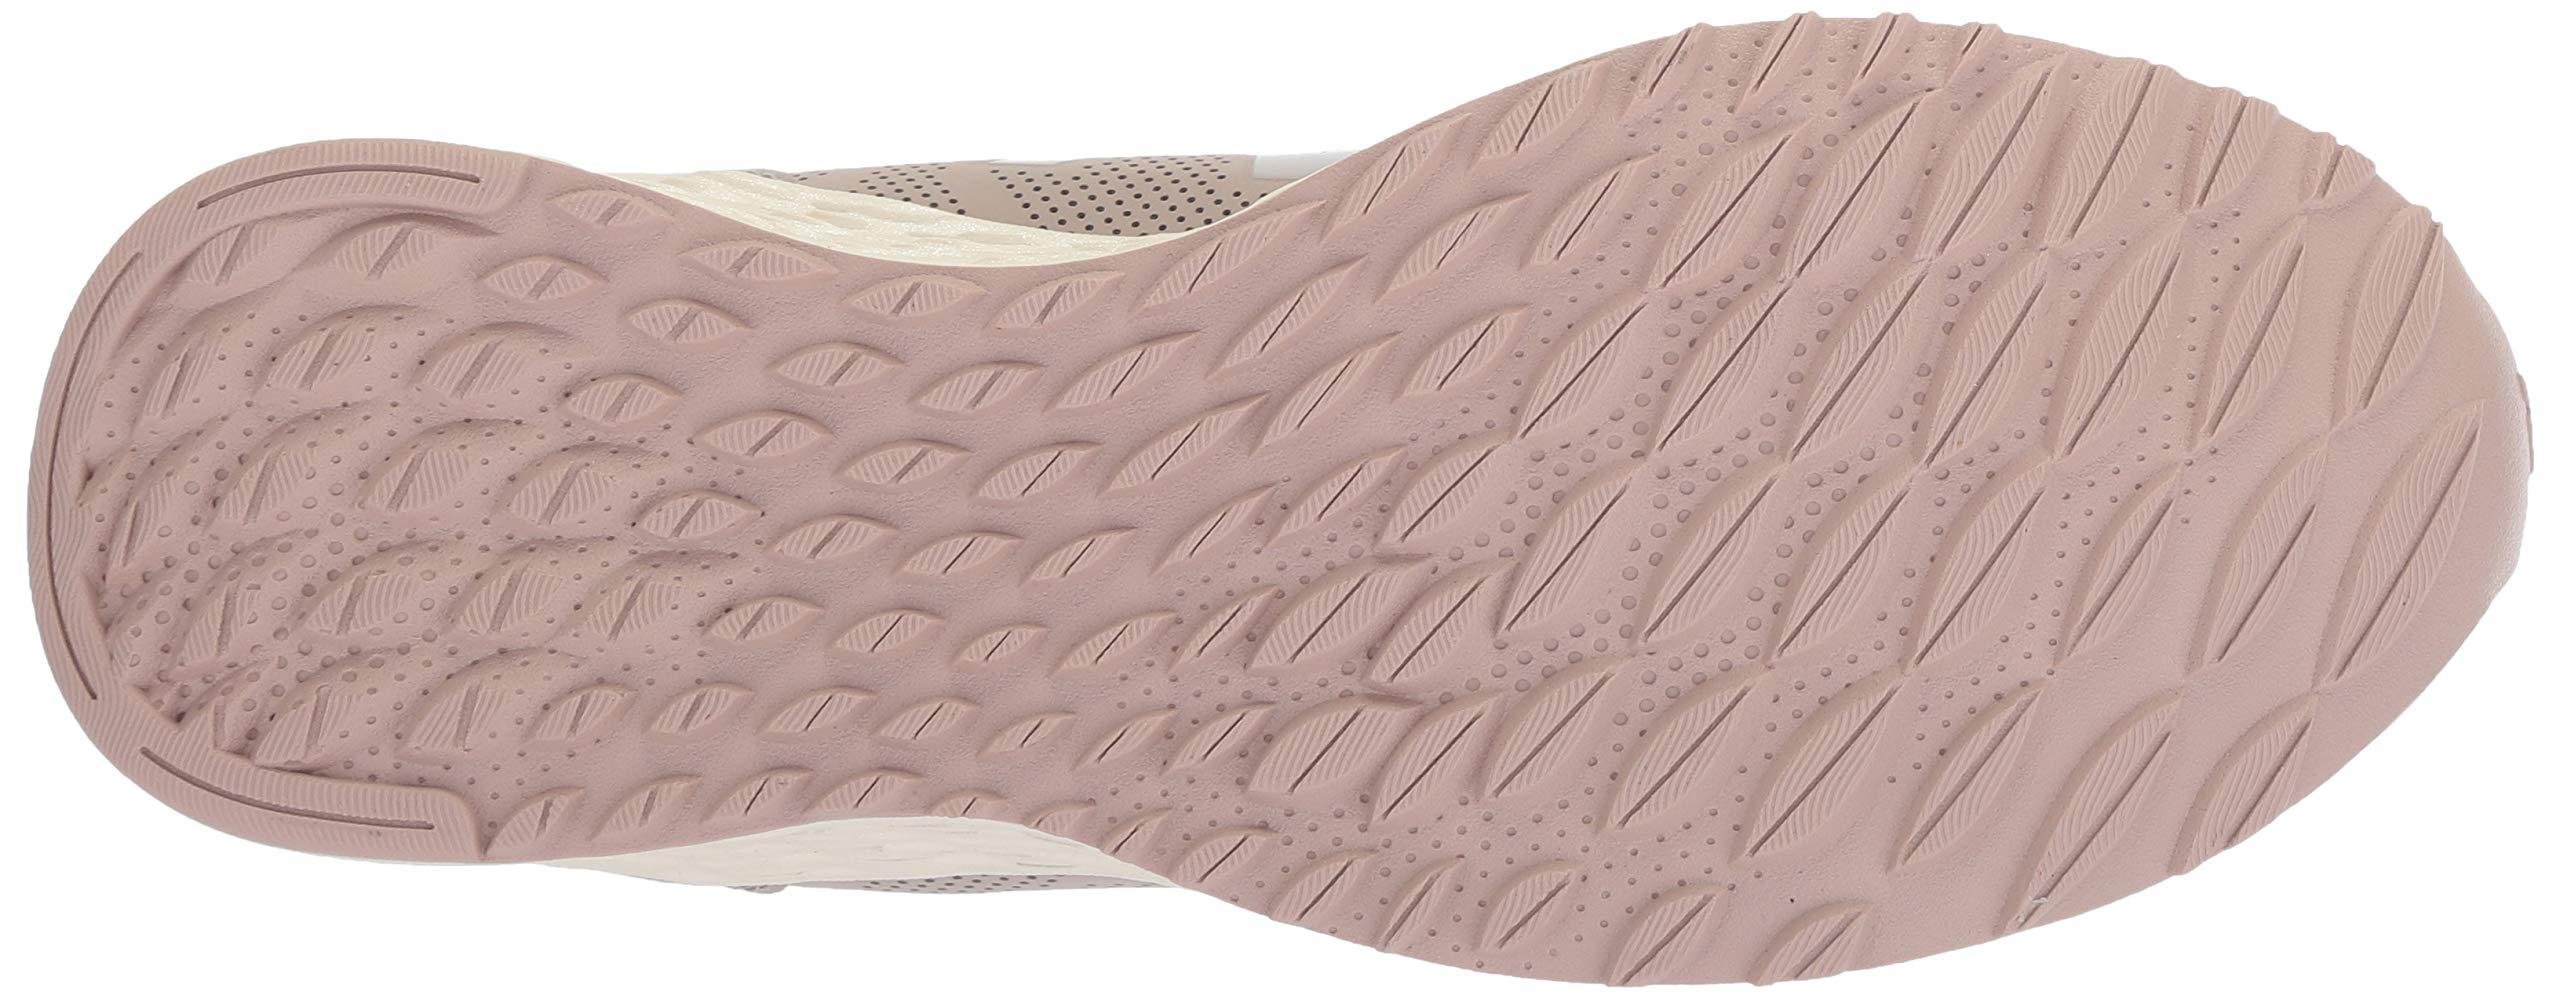 New Balance Women's Fresh Foam Arishi V1 Running Shoe, Flat White/au Lait 5 B US by New Balance (Image #3)